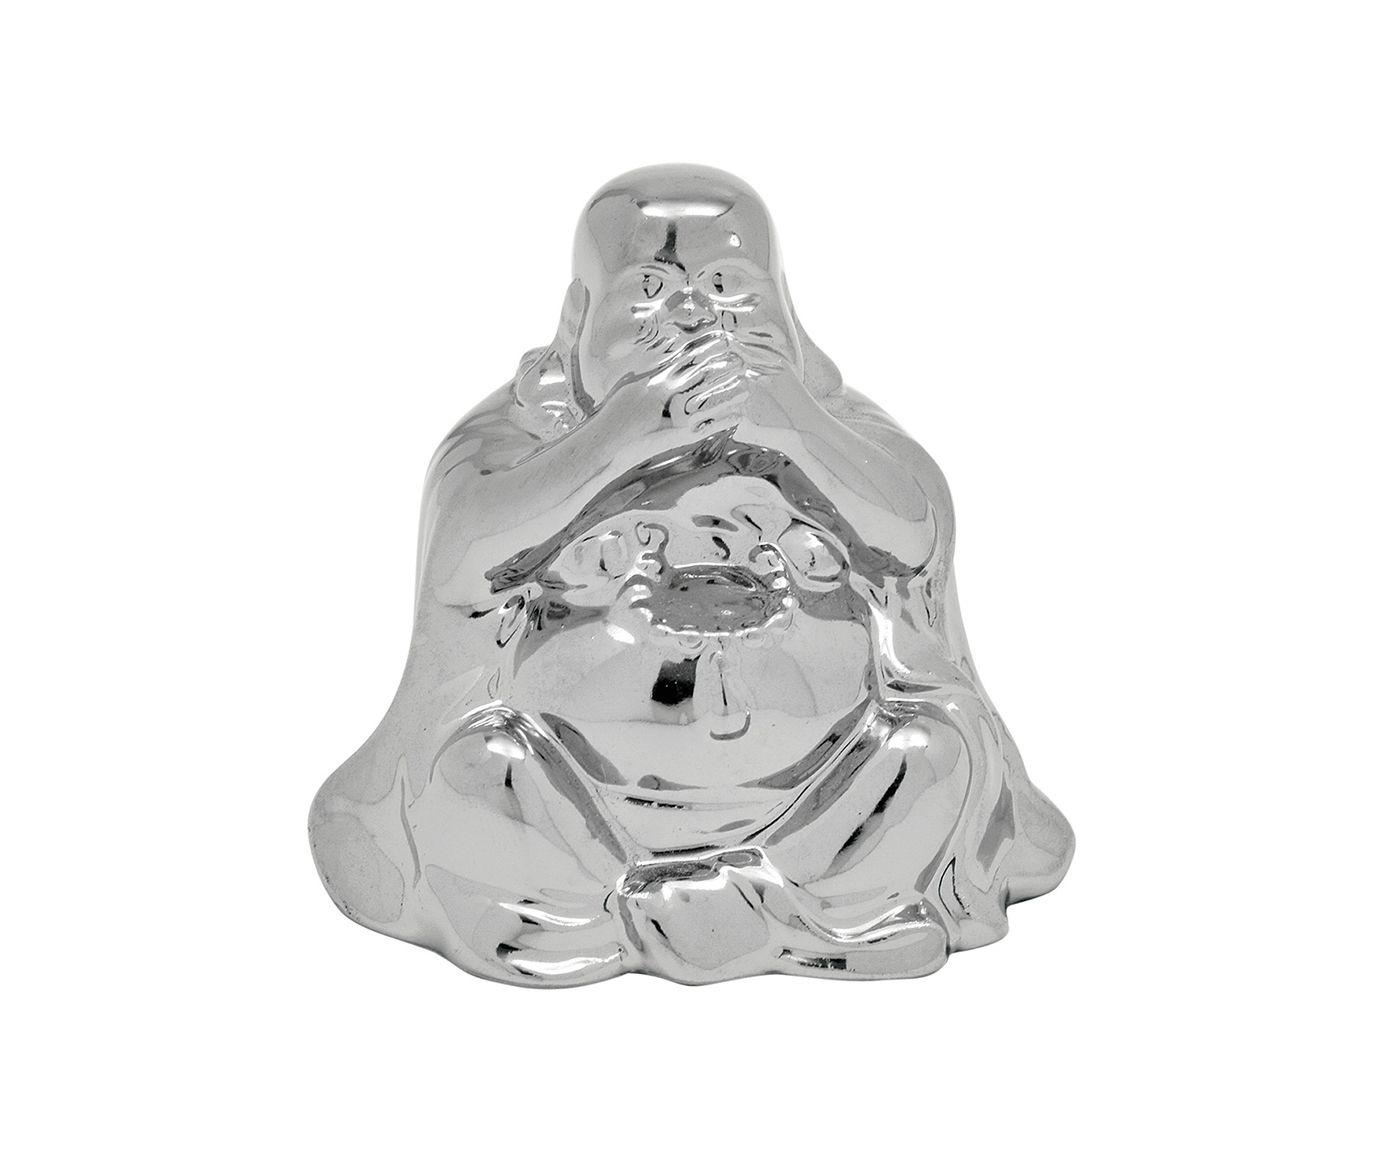 Adorno Buddha Surpri - 9X8X9cm | Westwing.com.br